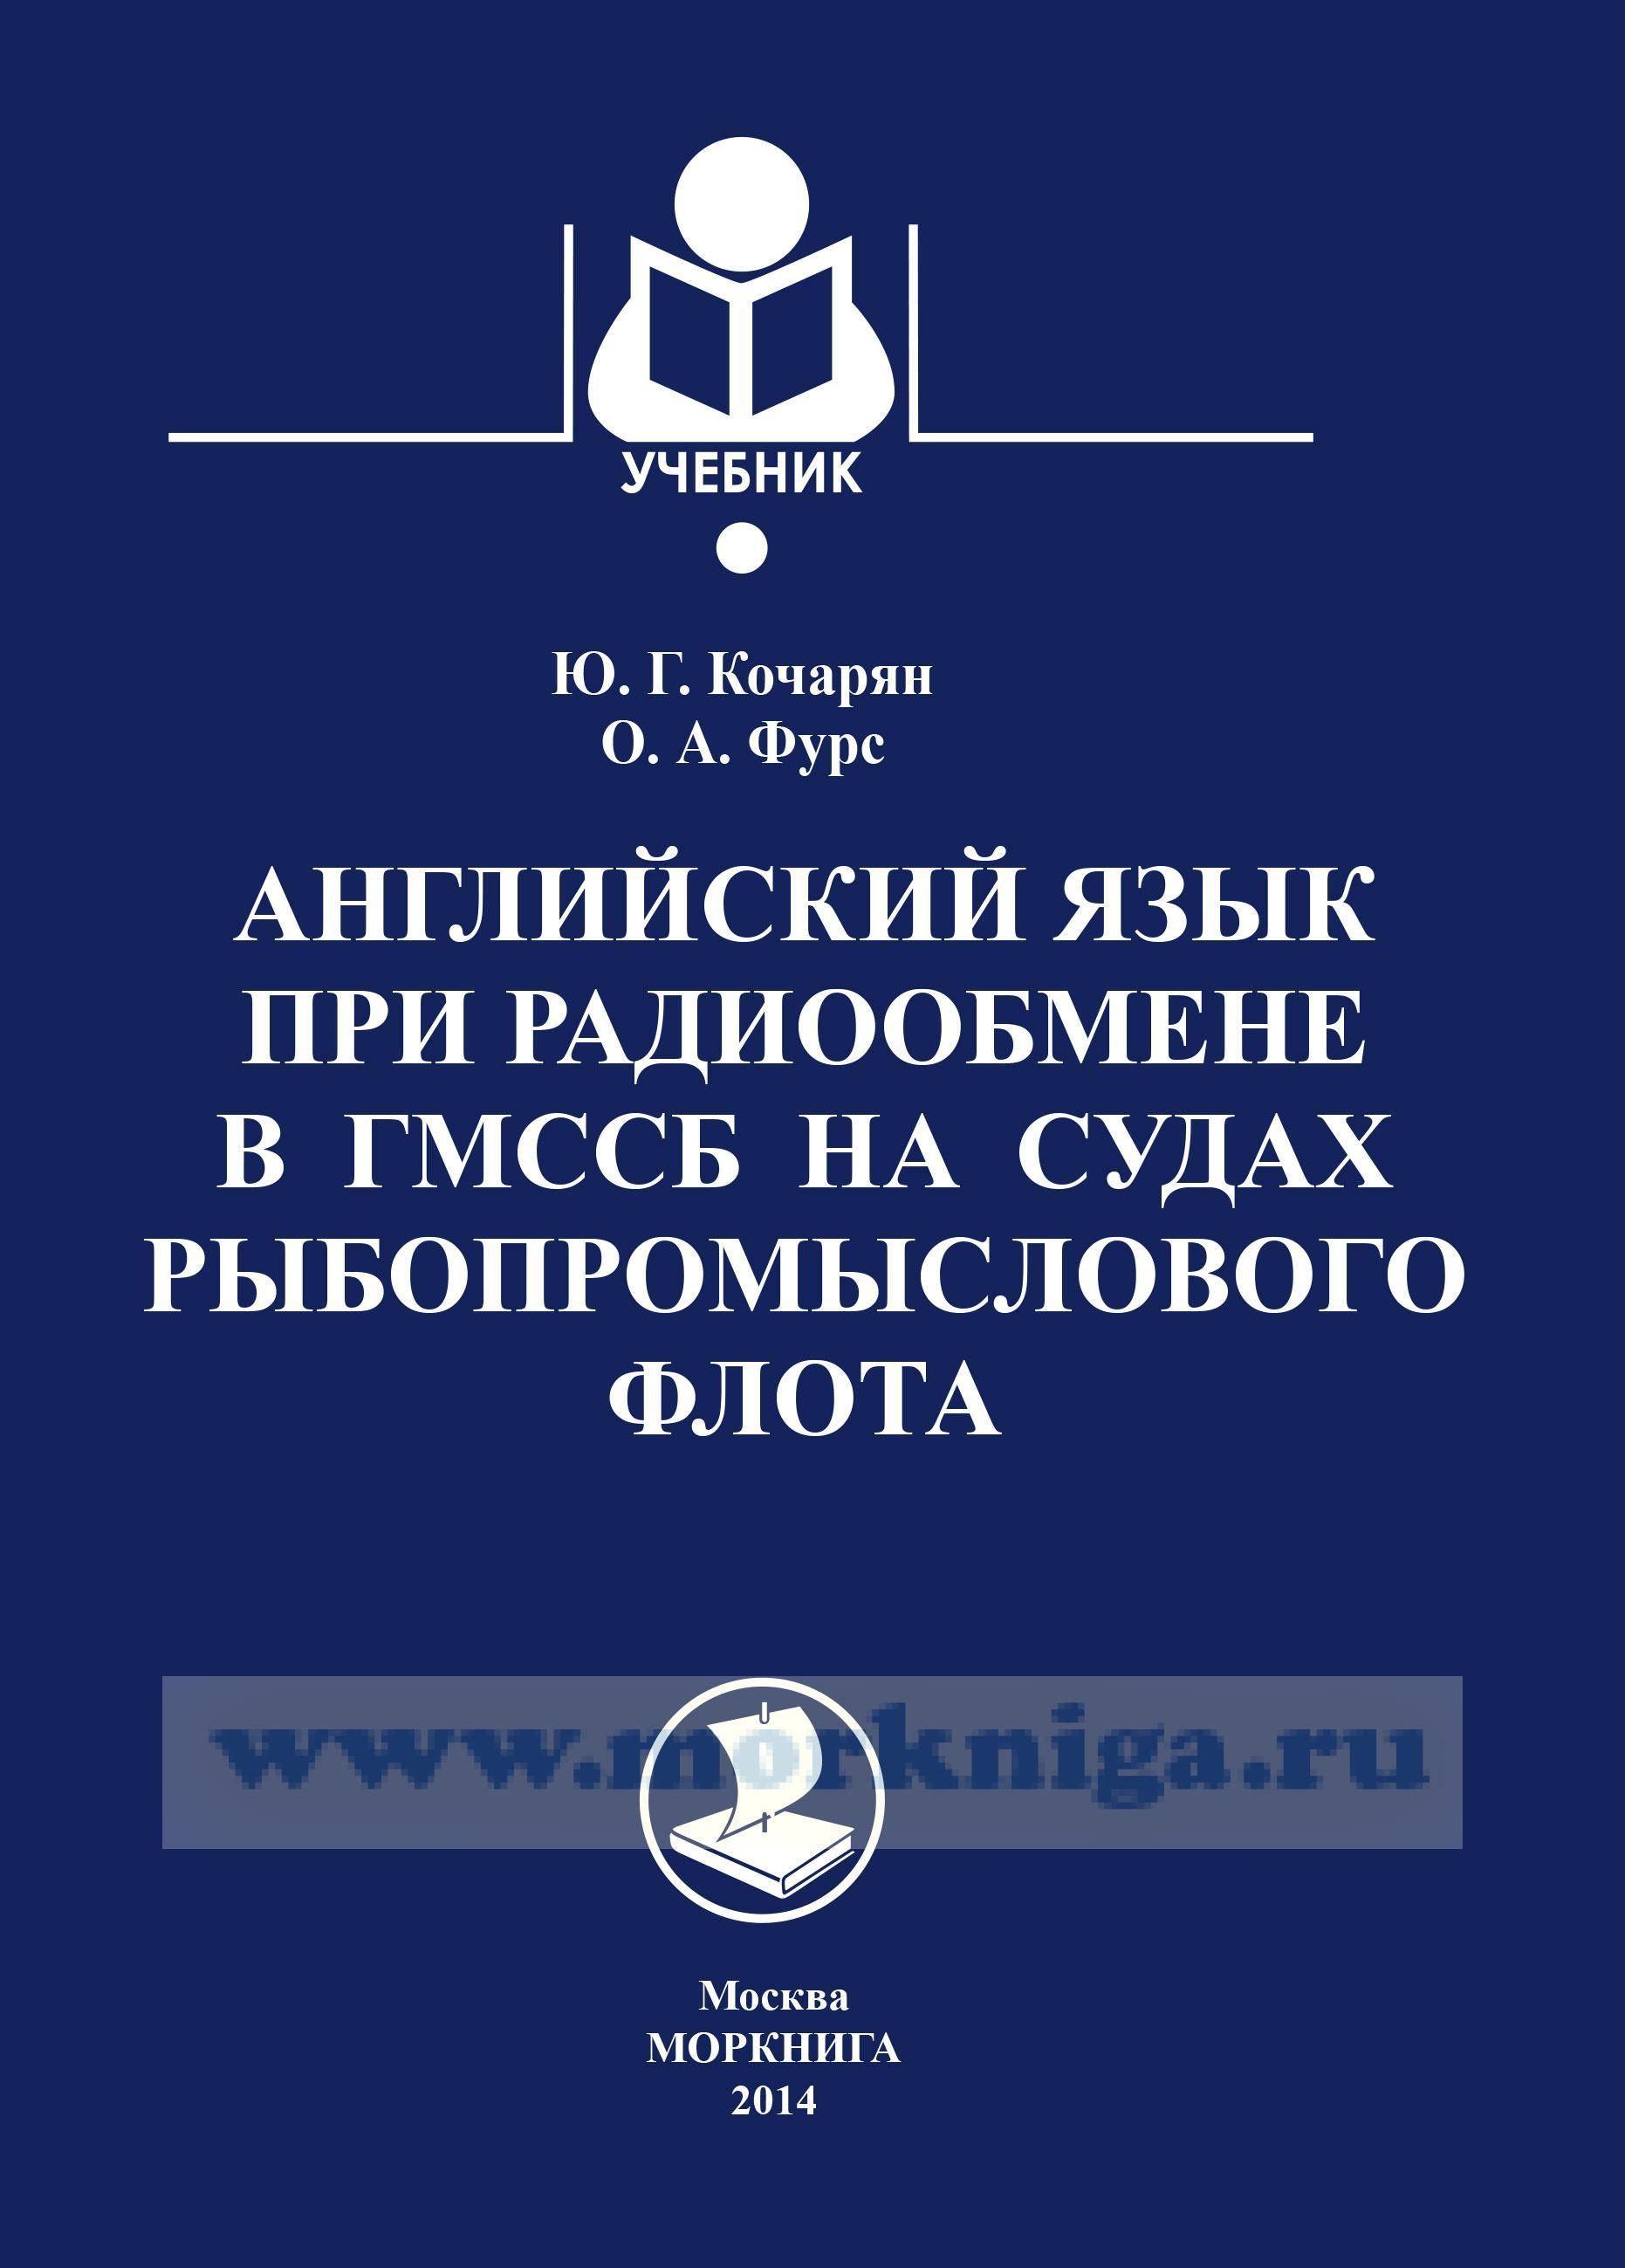 Английский язык при радиообмене в ГМССБ на судах рыбопромыслового флота